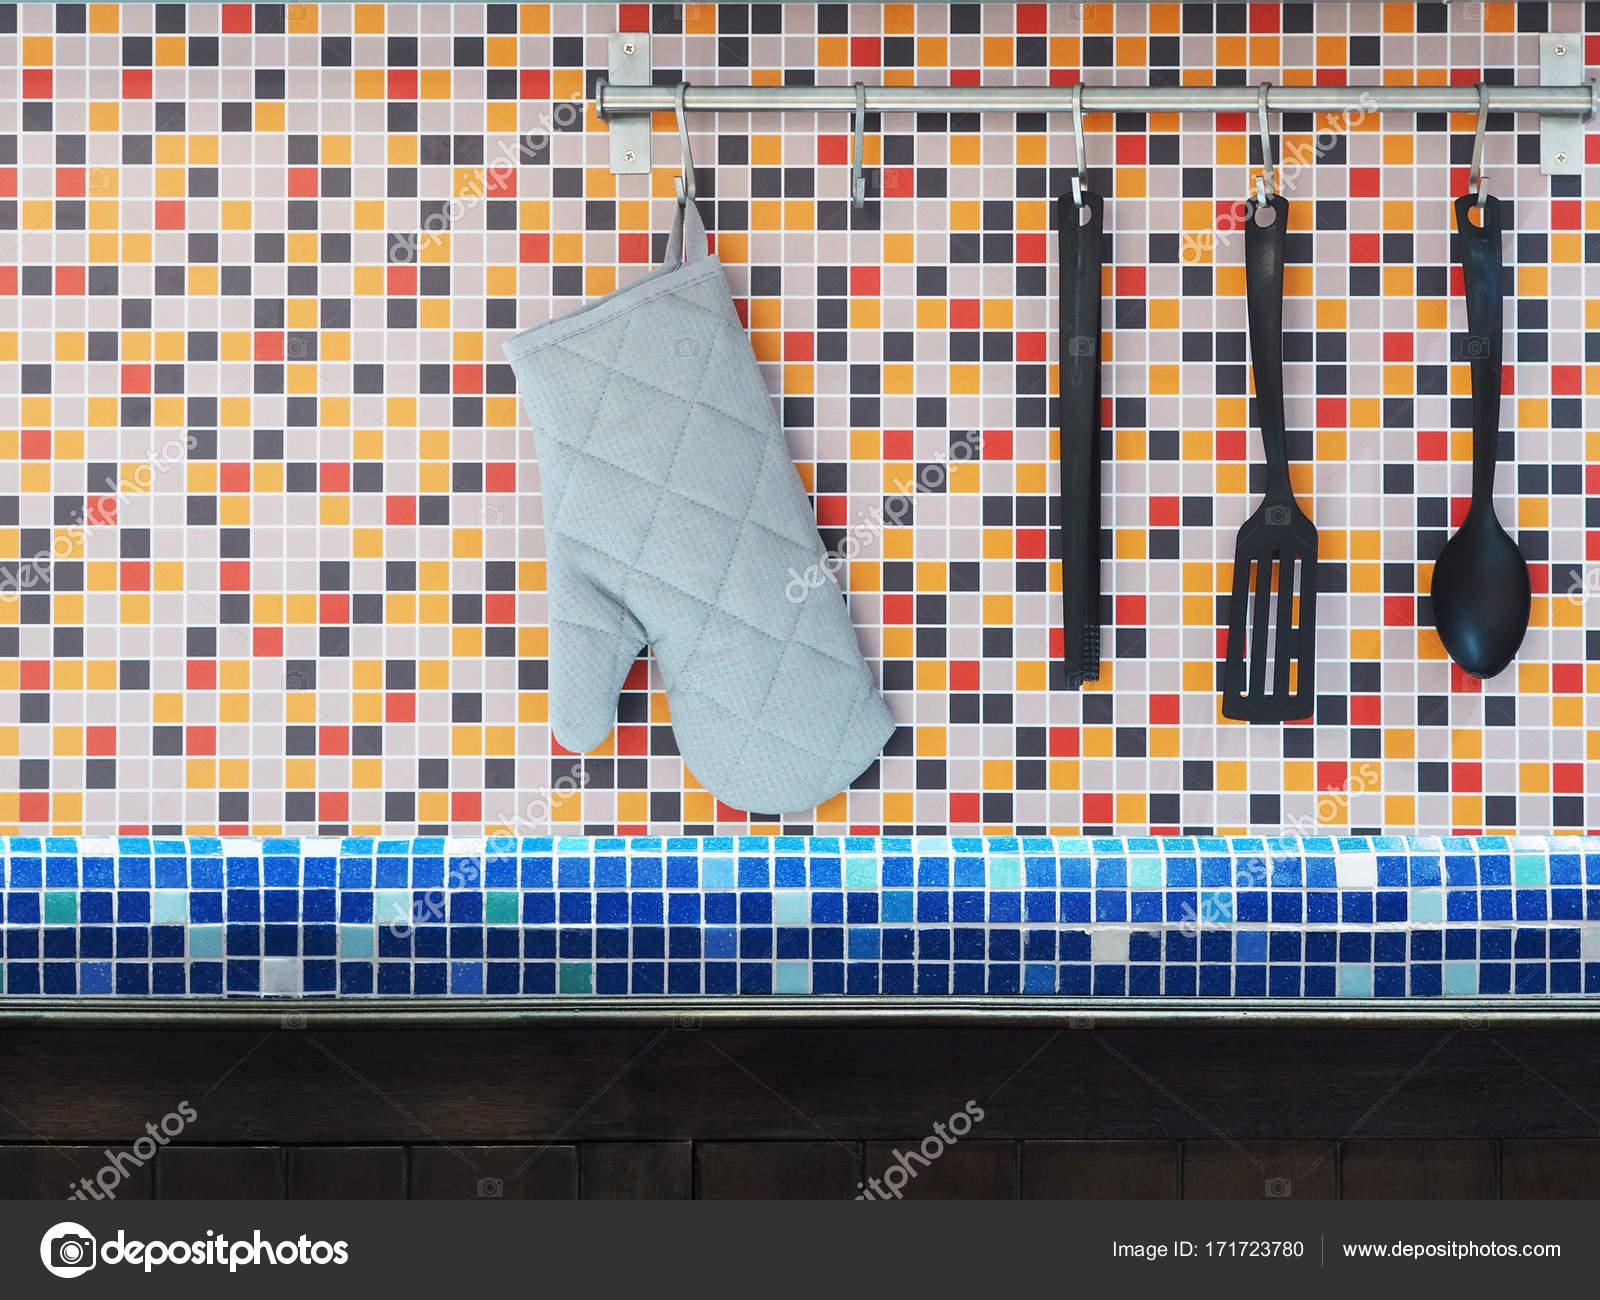 utensili da cucina appeso sopra colorato mosaico piastrelle di ...